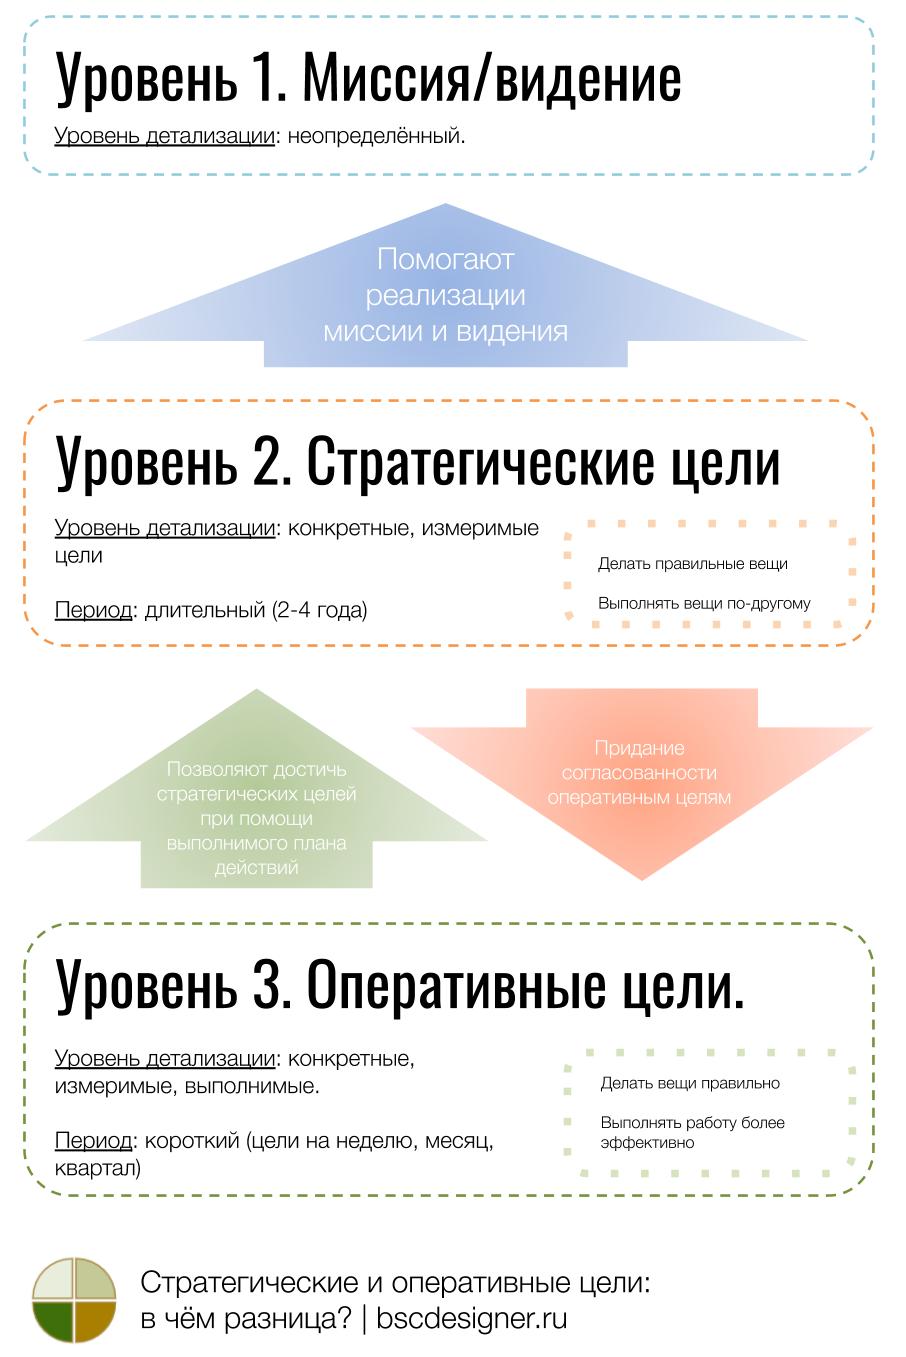 [Инфографика] Разница между стратегическими и оперативными целями